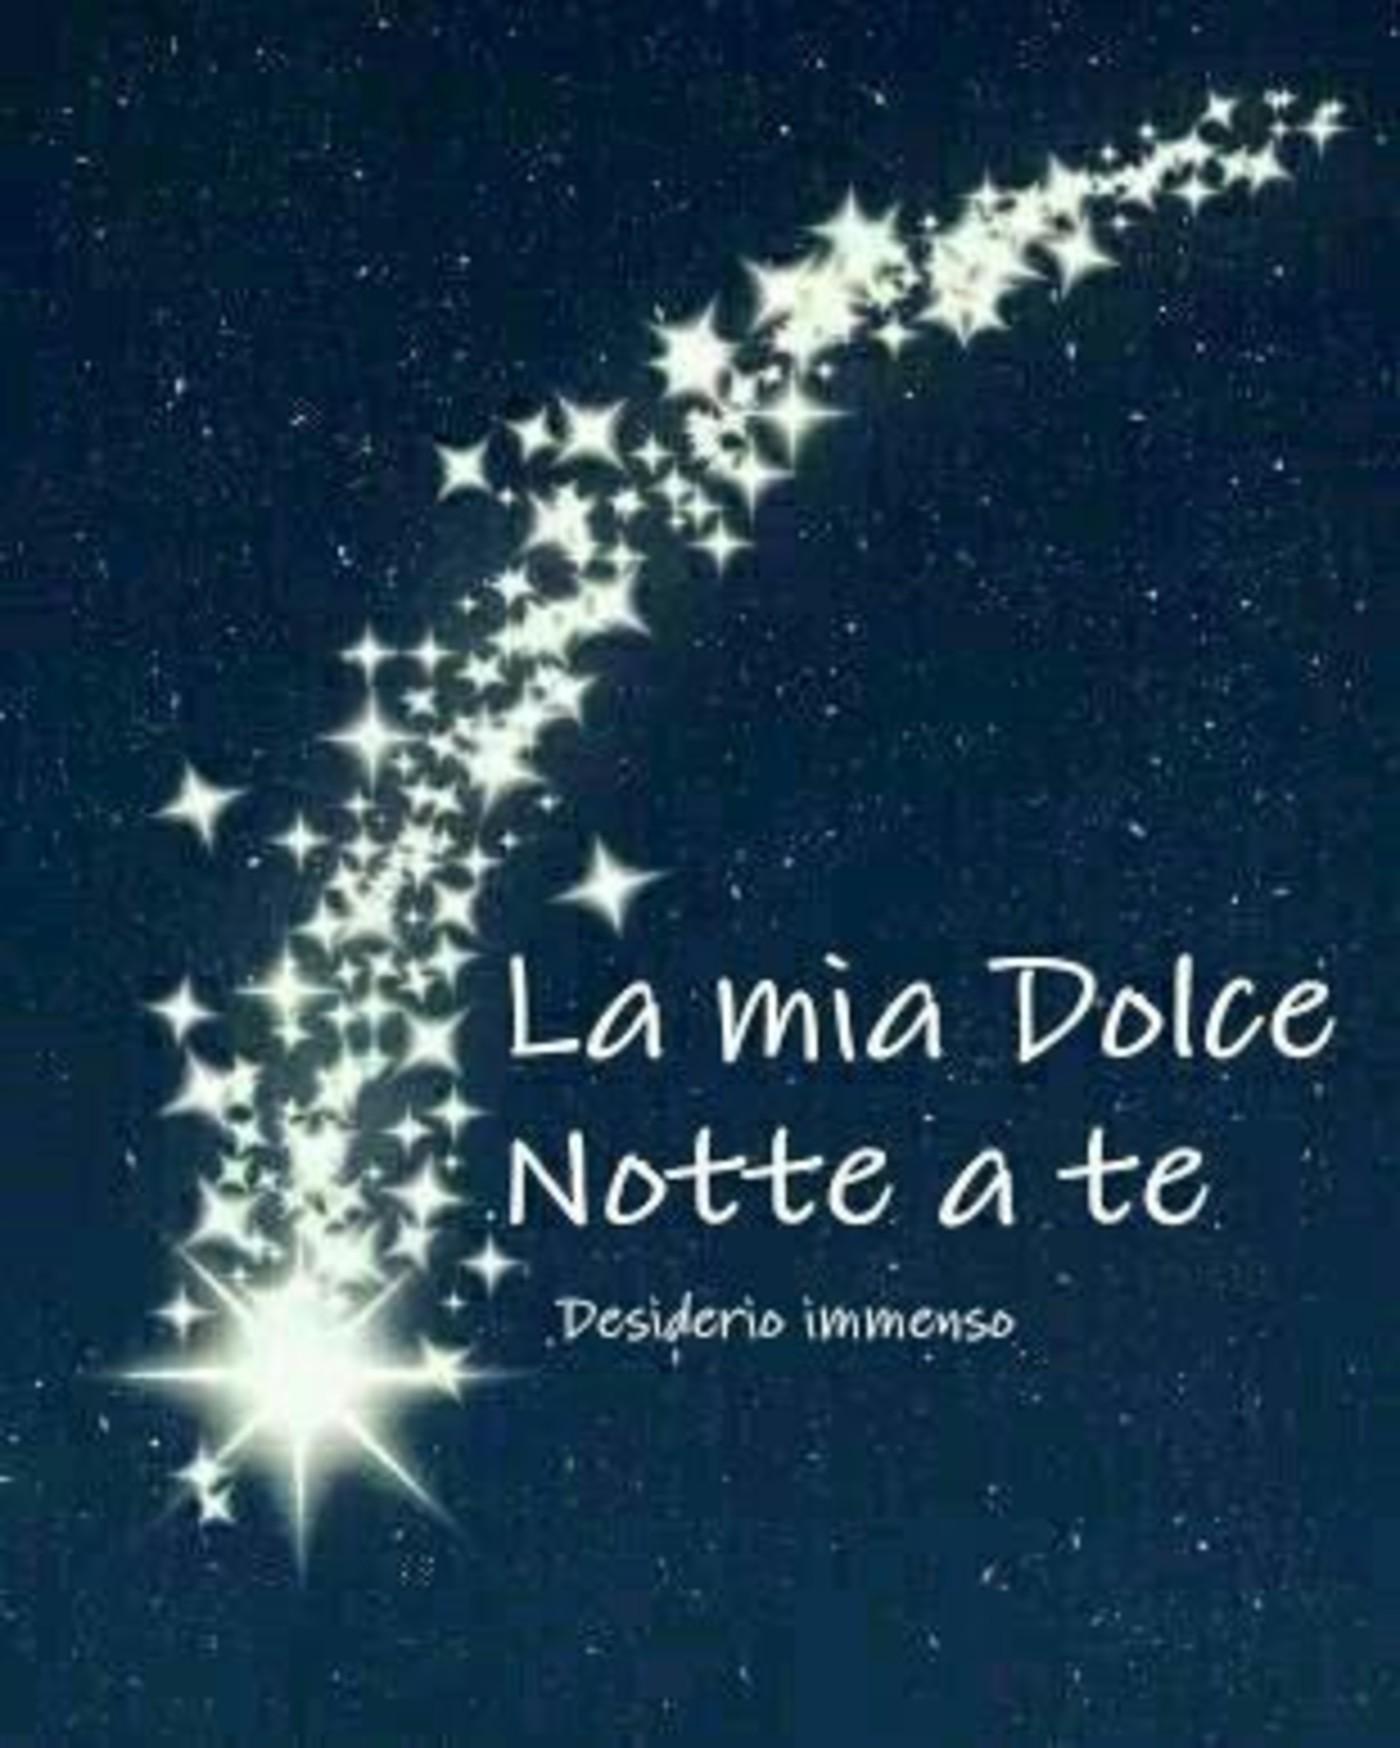 Buonanotte Belle Immagini Pinterest Buongiorno Immagini It